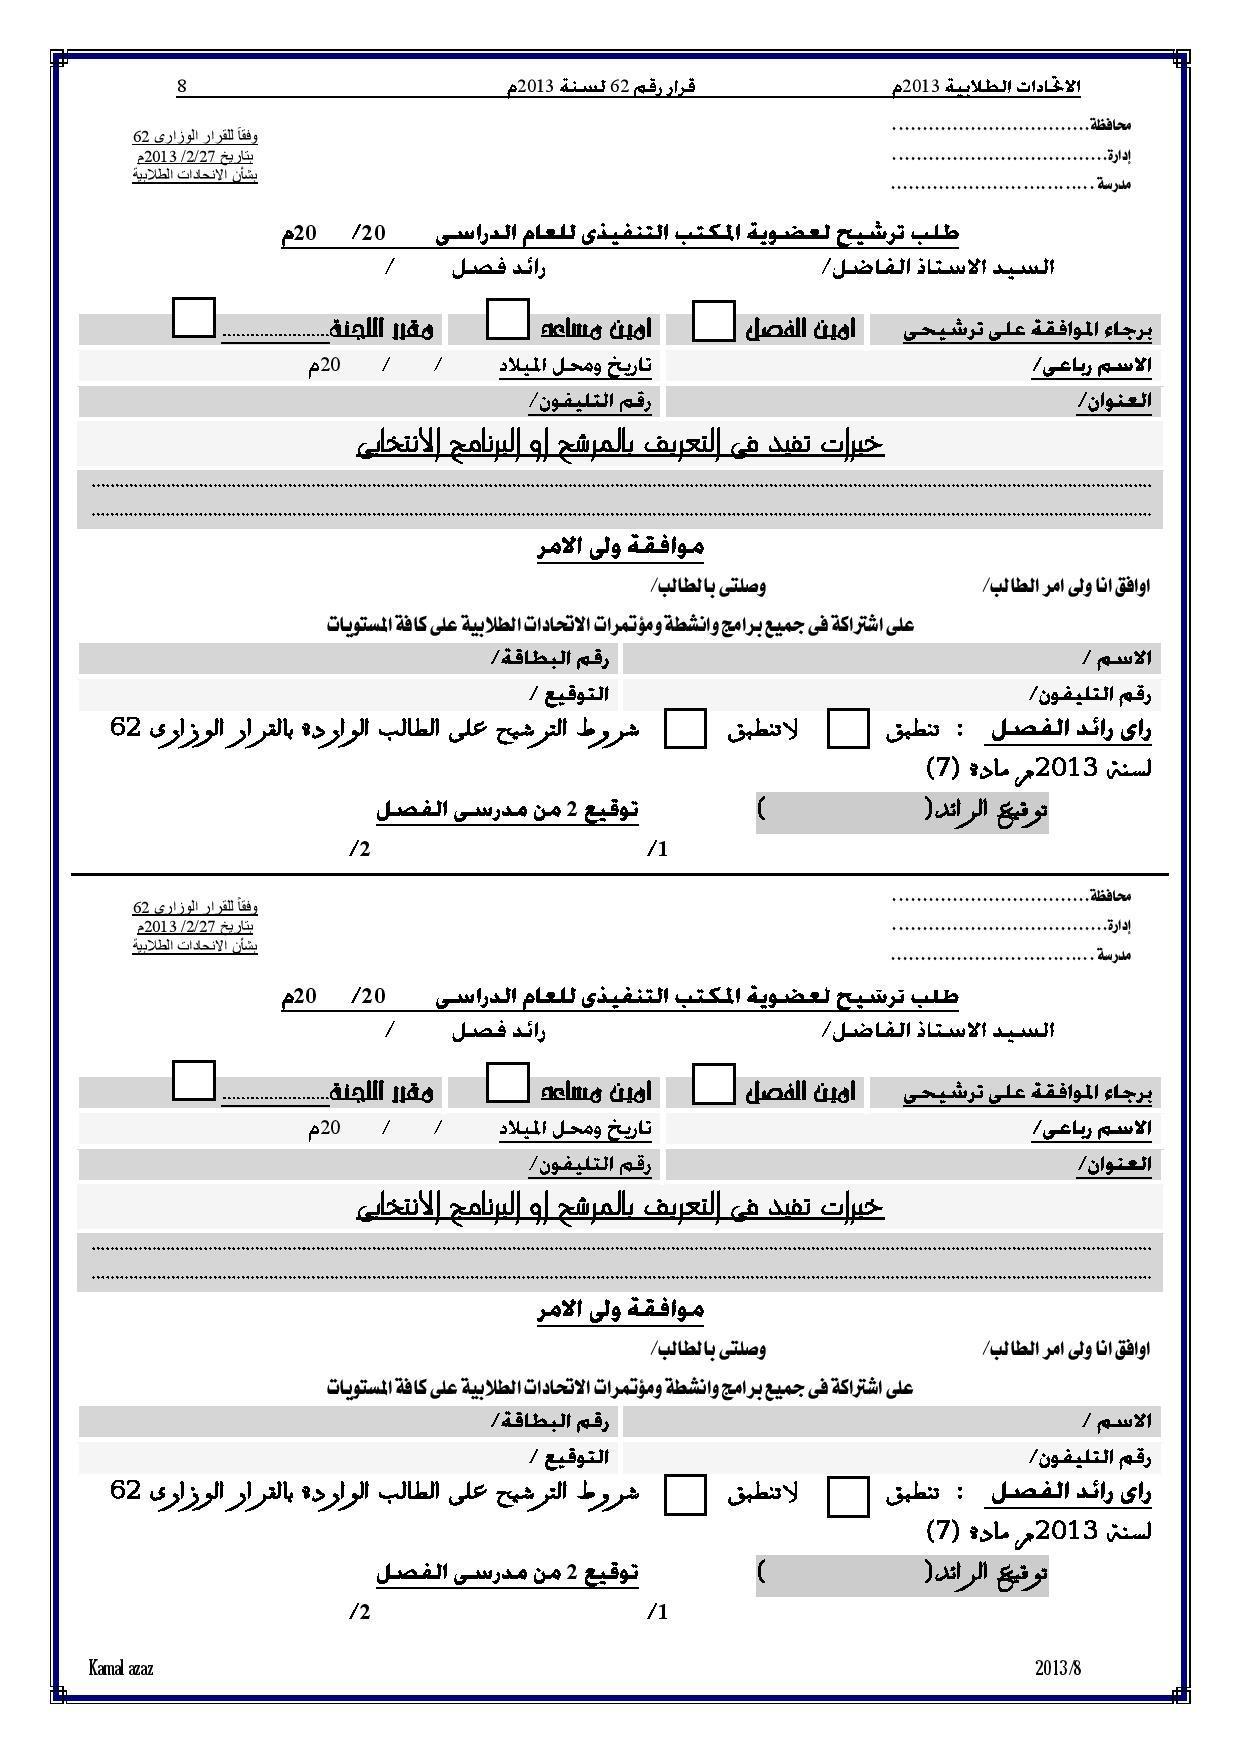 نموذج طلب توظيف عربي انجليزي Doc